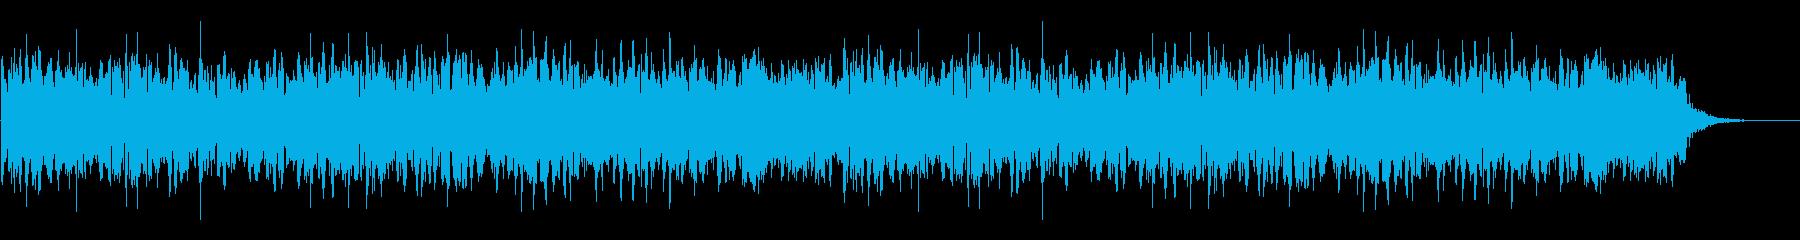 ジブリアニメ風_絵本_デンキウナギのお話の再生済みの波形